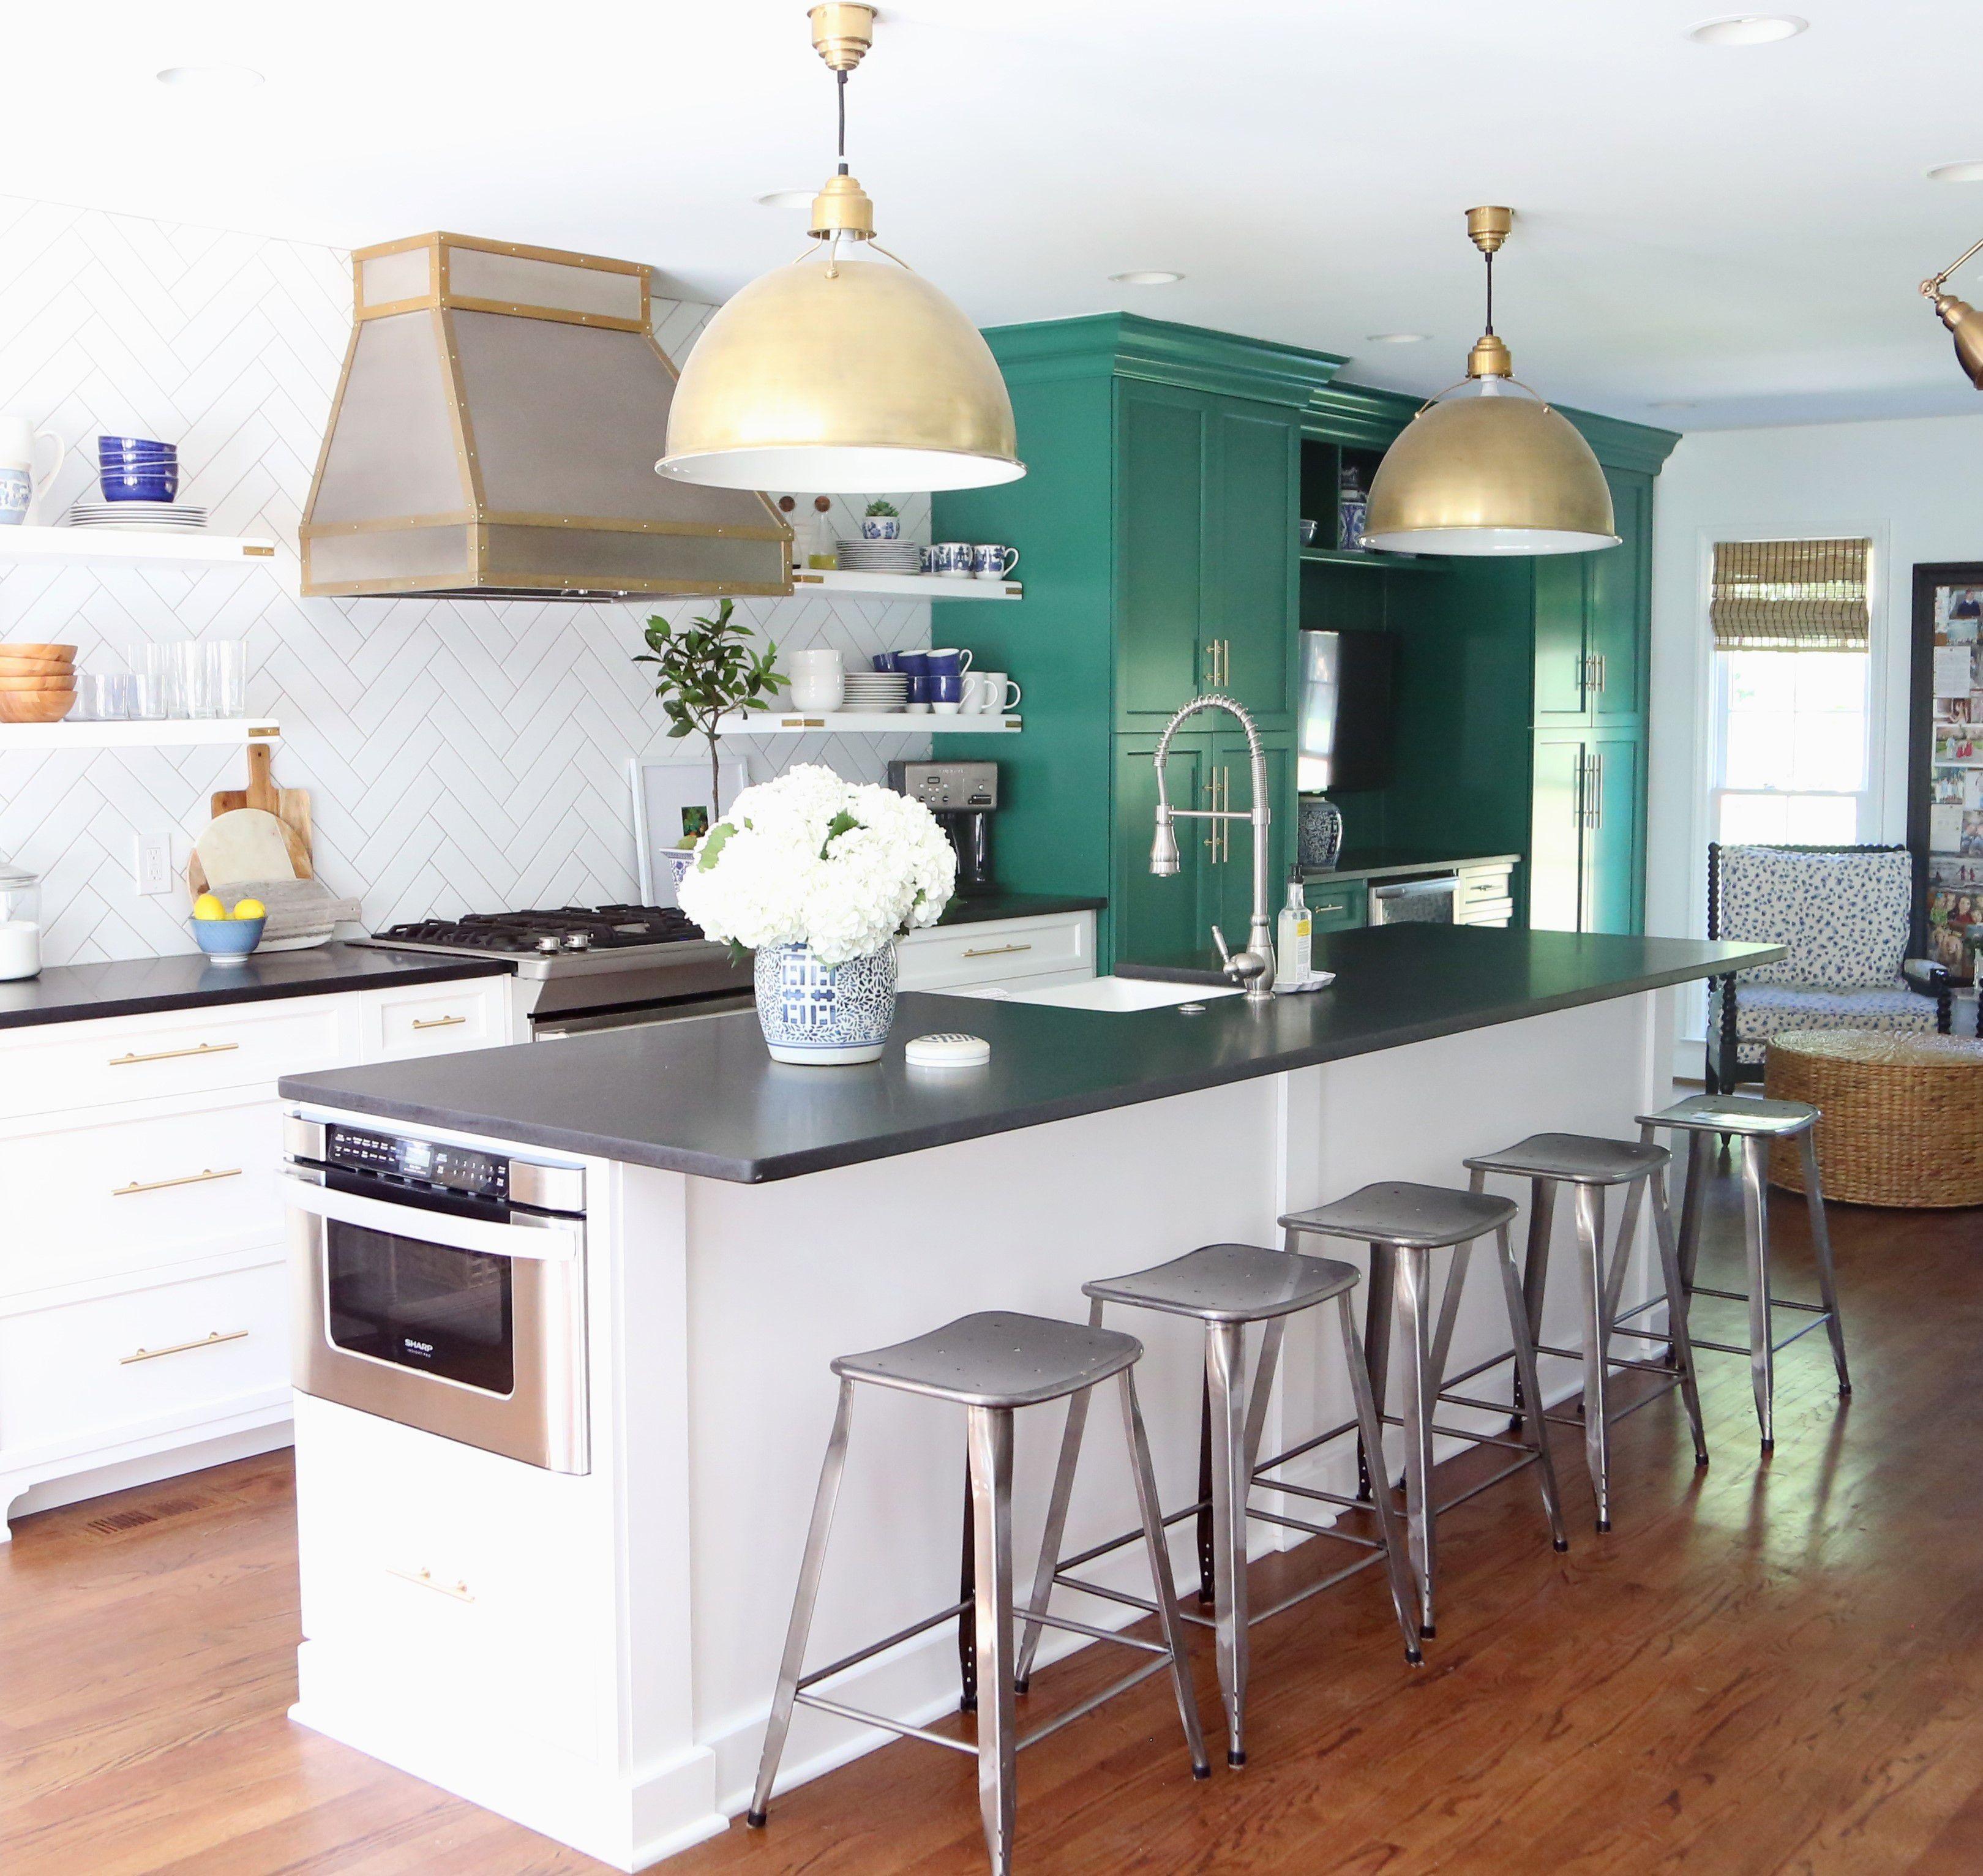 2019 Exquisite Melamine Cabinet Doors With Double Mesa Island Kitchen Cabinet Buy Kitchen Cabinets Stereo Cabinet Glass Door Saloon Doors For